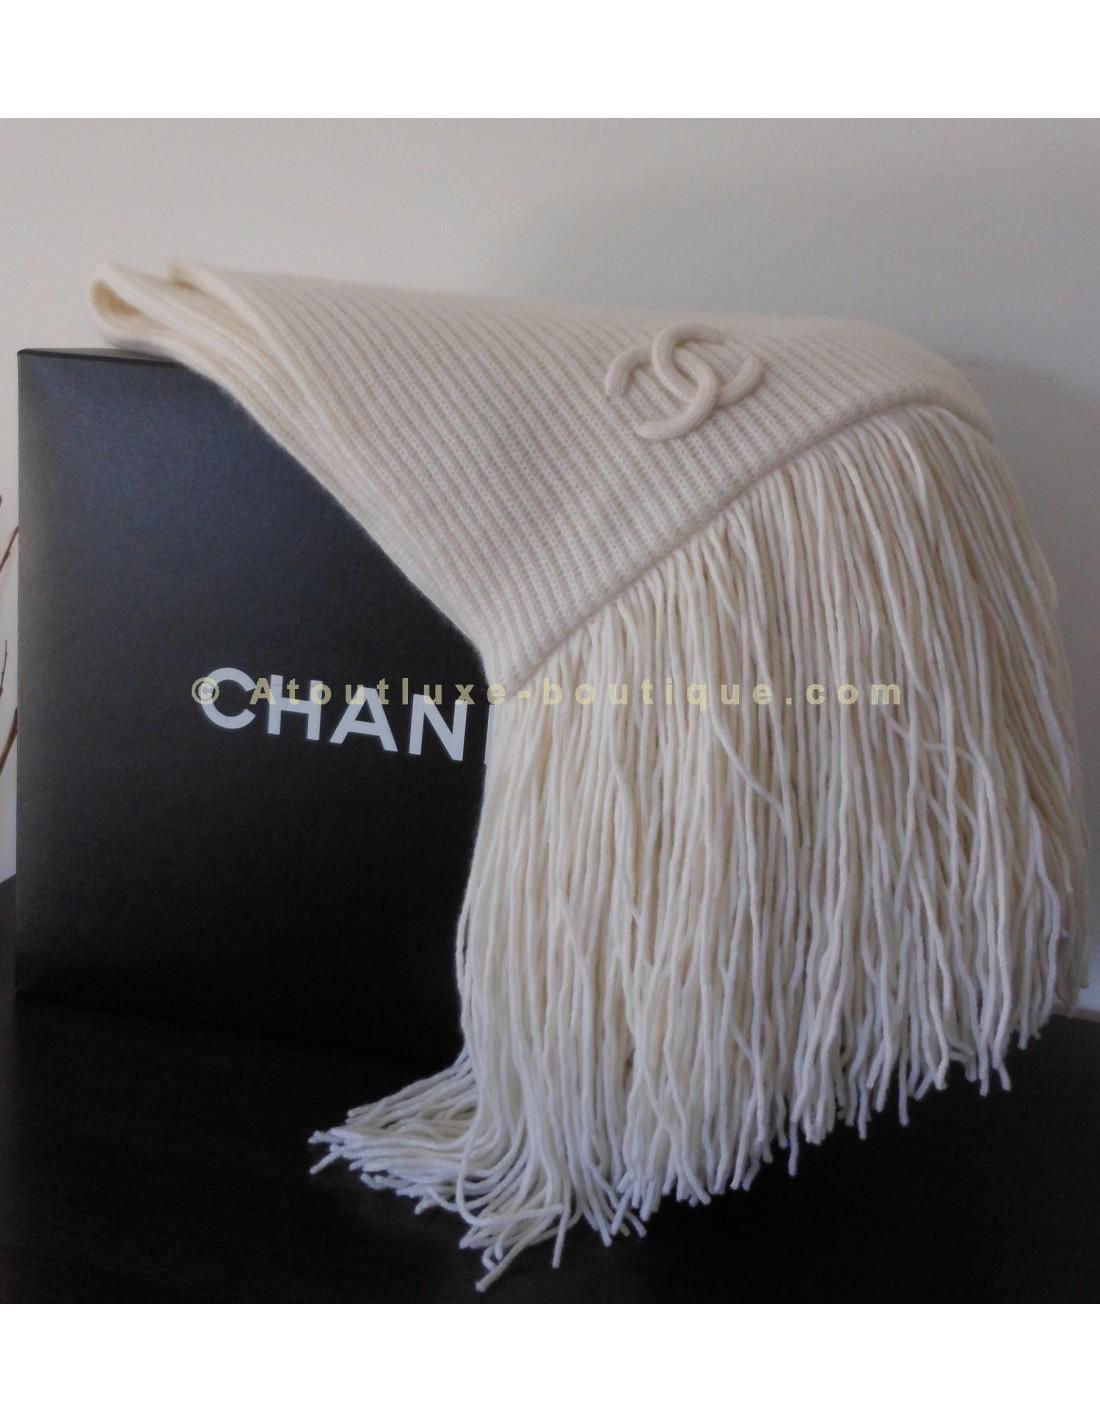 Chanel echarpe - Idée pour s habiller b0b93ca5982